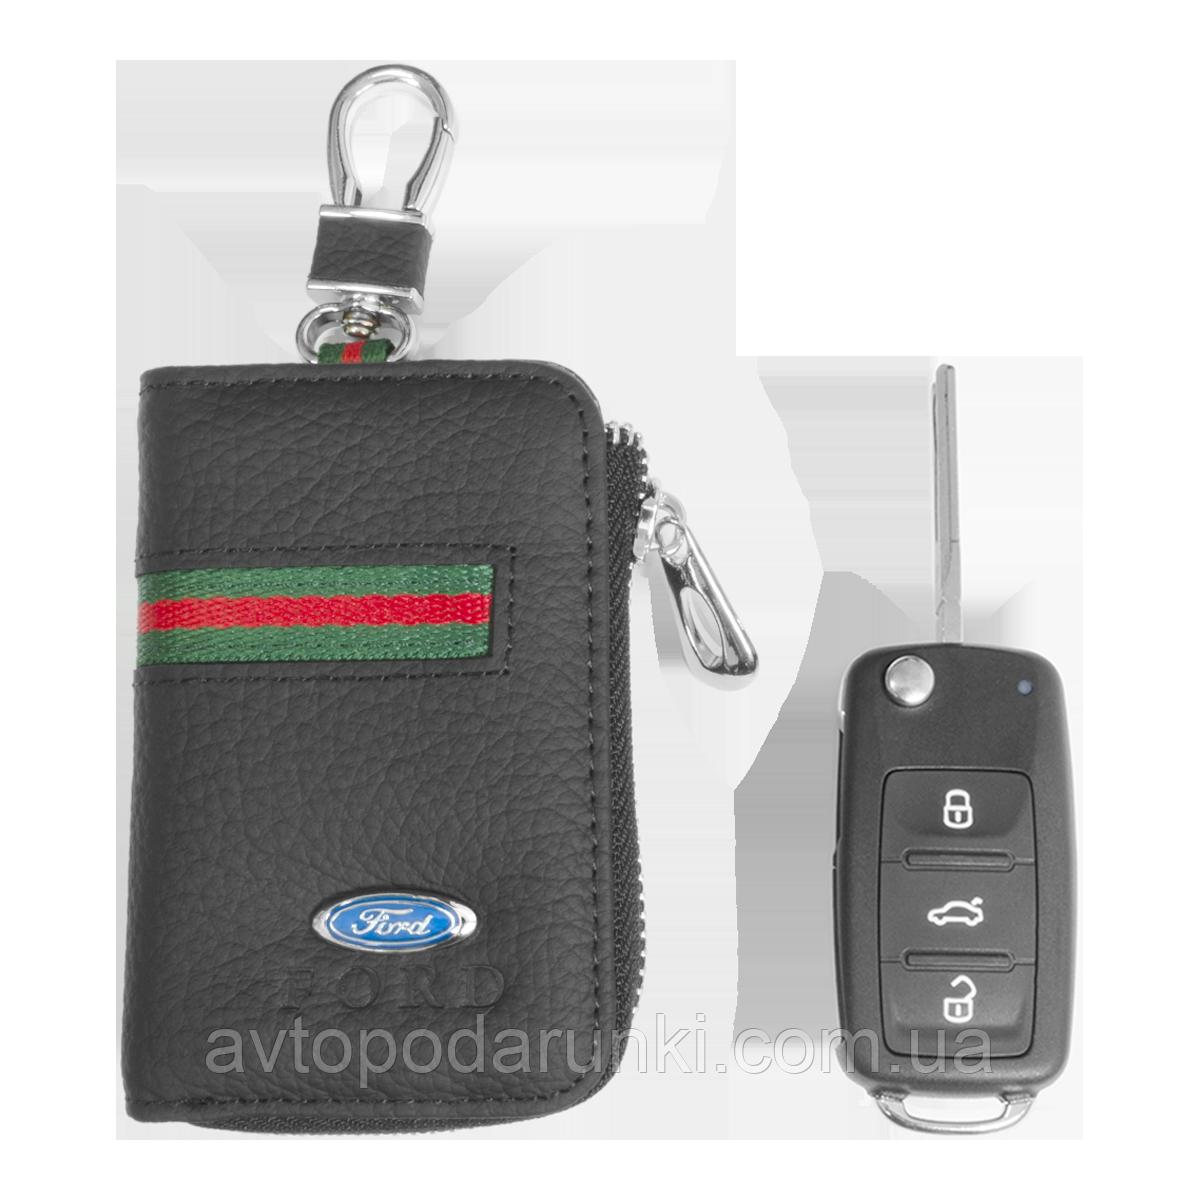 Ключница FORD, кожаная автоключница с логотипом  ФОРД (многофункциональная черная 03012)